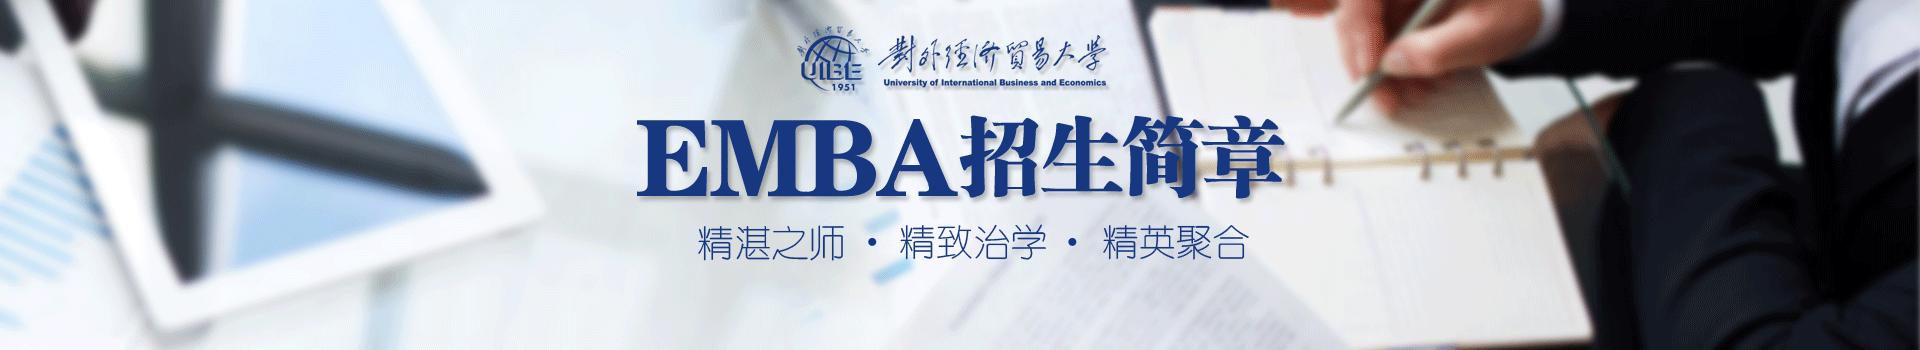 对外经济贸易大学国际商学院高级工商管理硕士(综合管理EMBA)招生简章